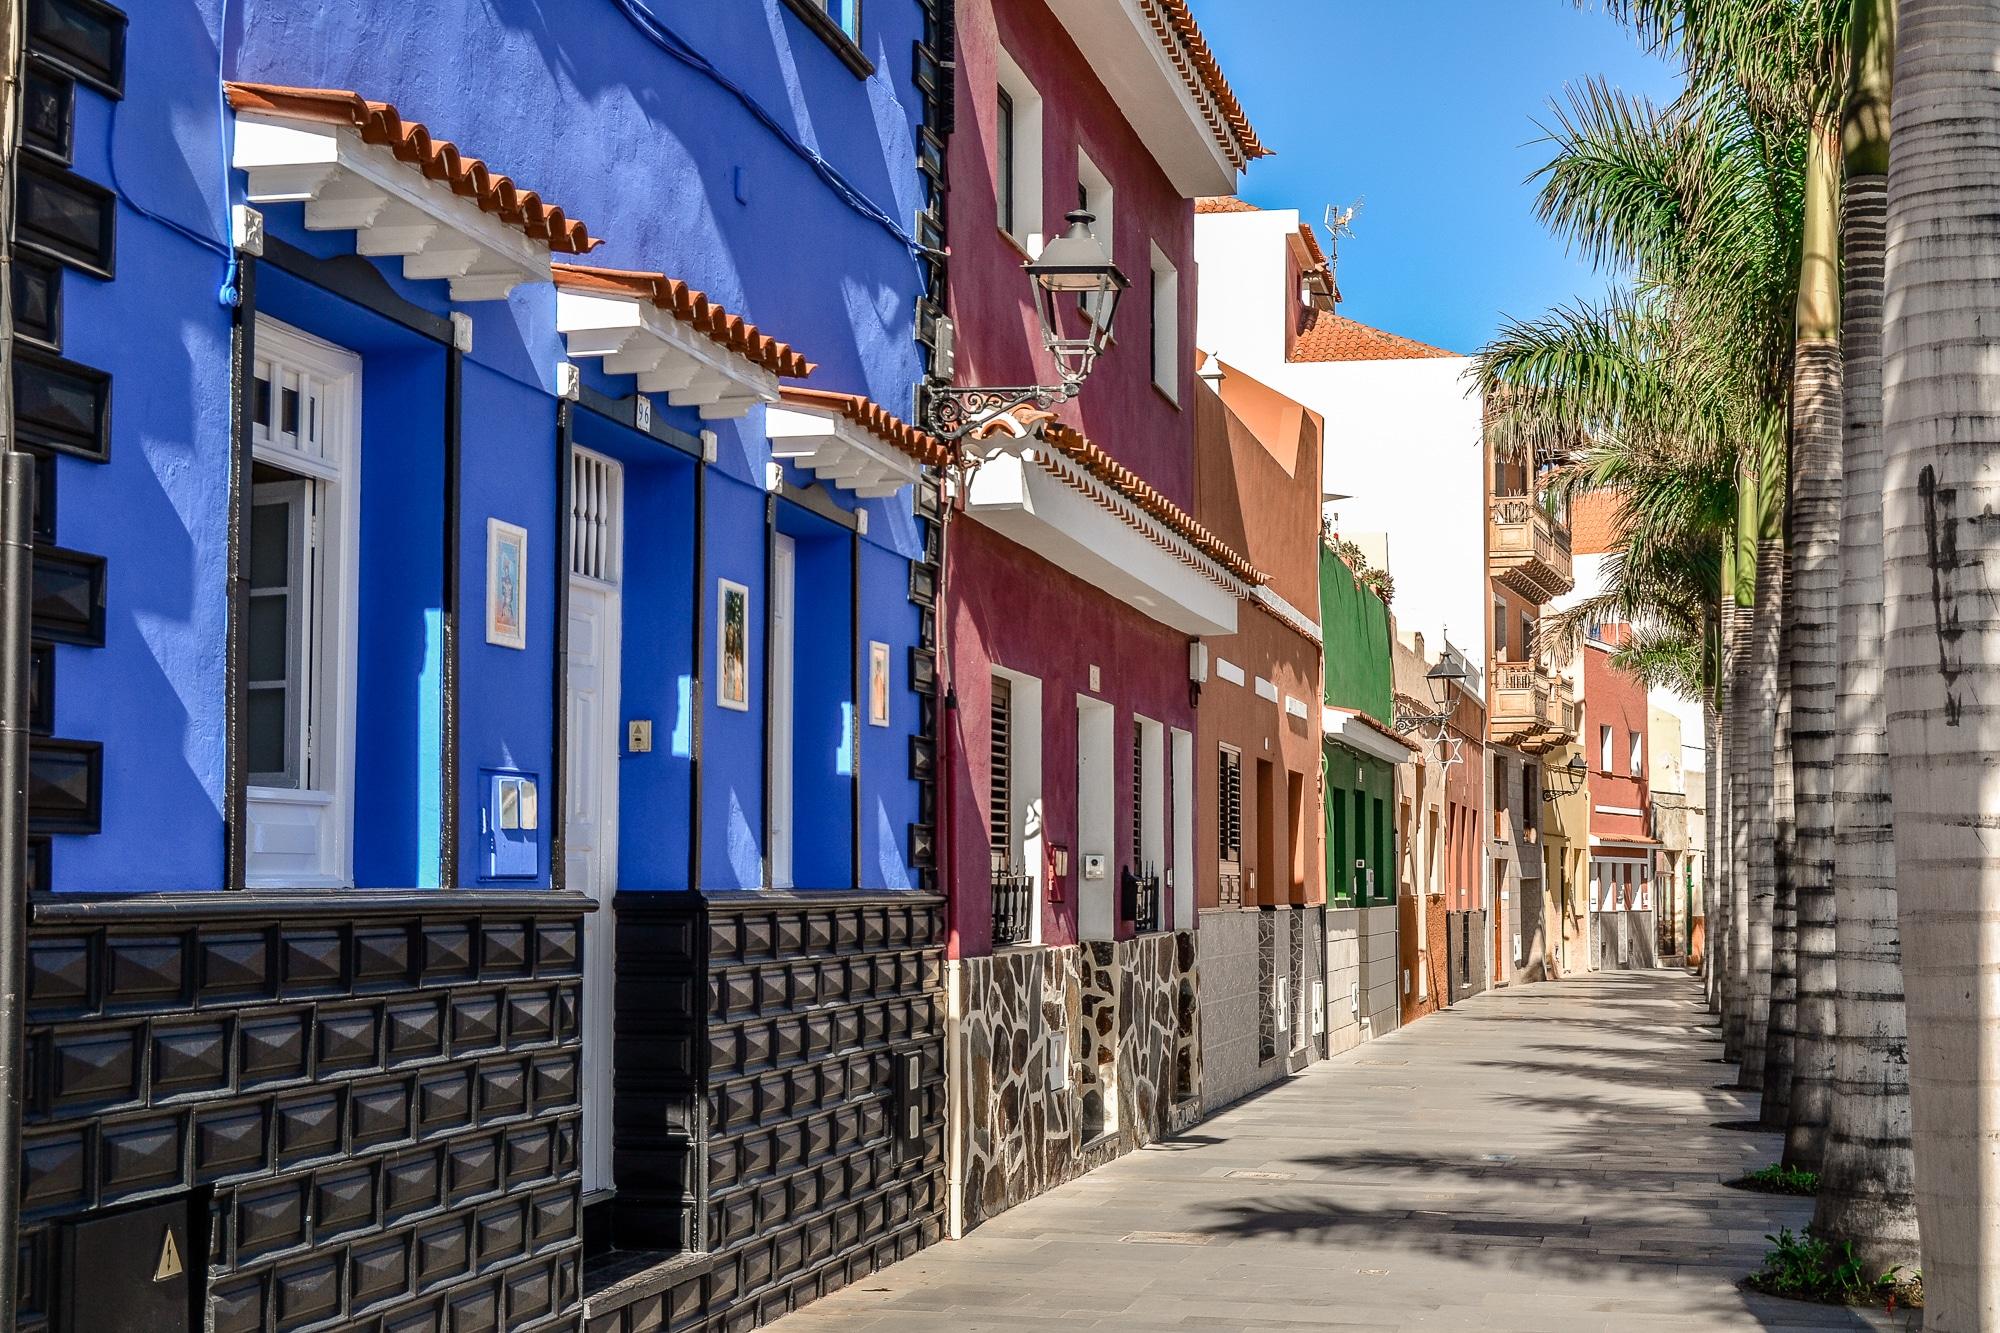 Puerto de la Cruz auf Teneriffa: Sehenswürdigkeiten und Things to do